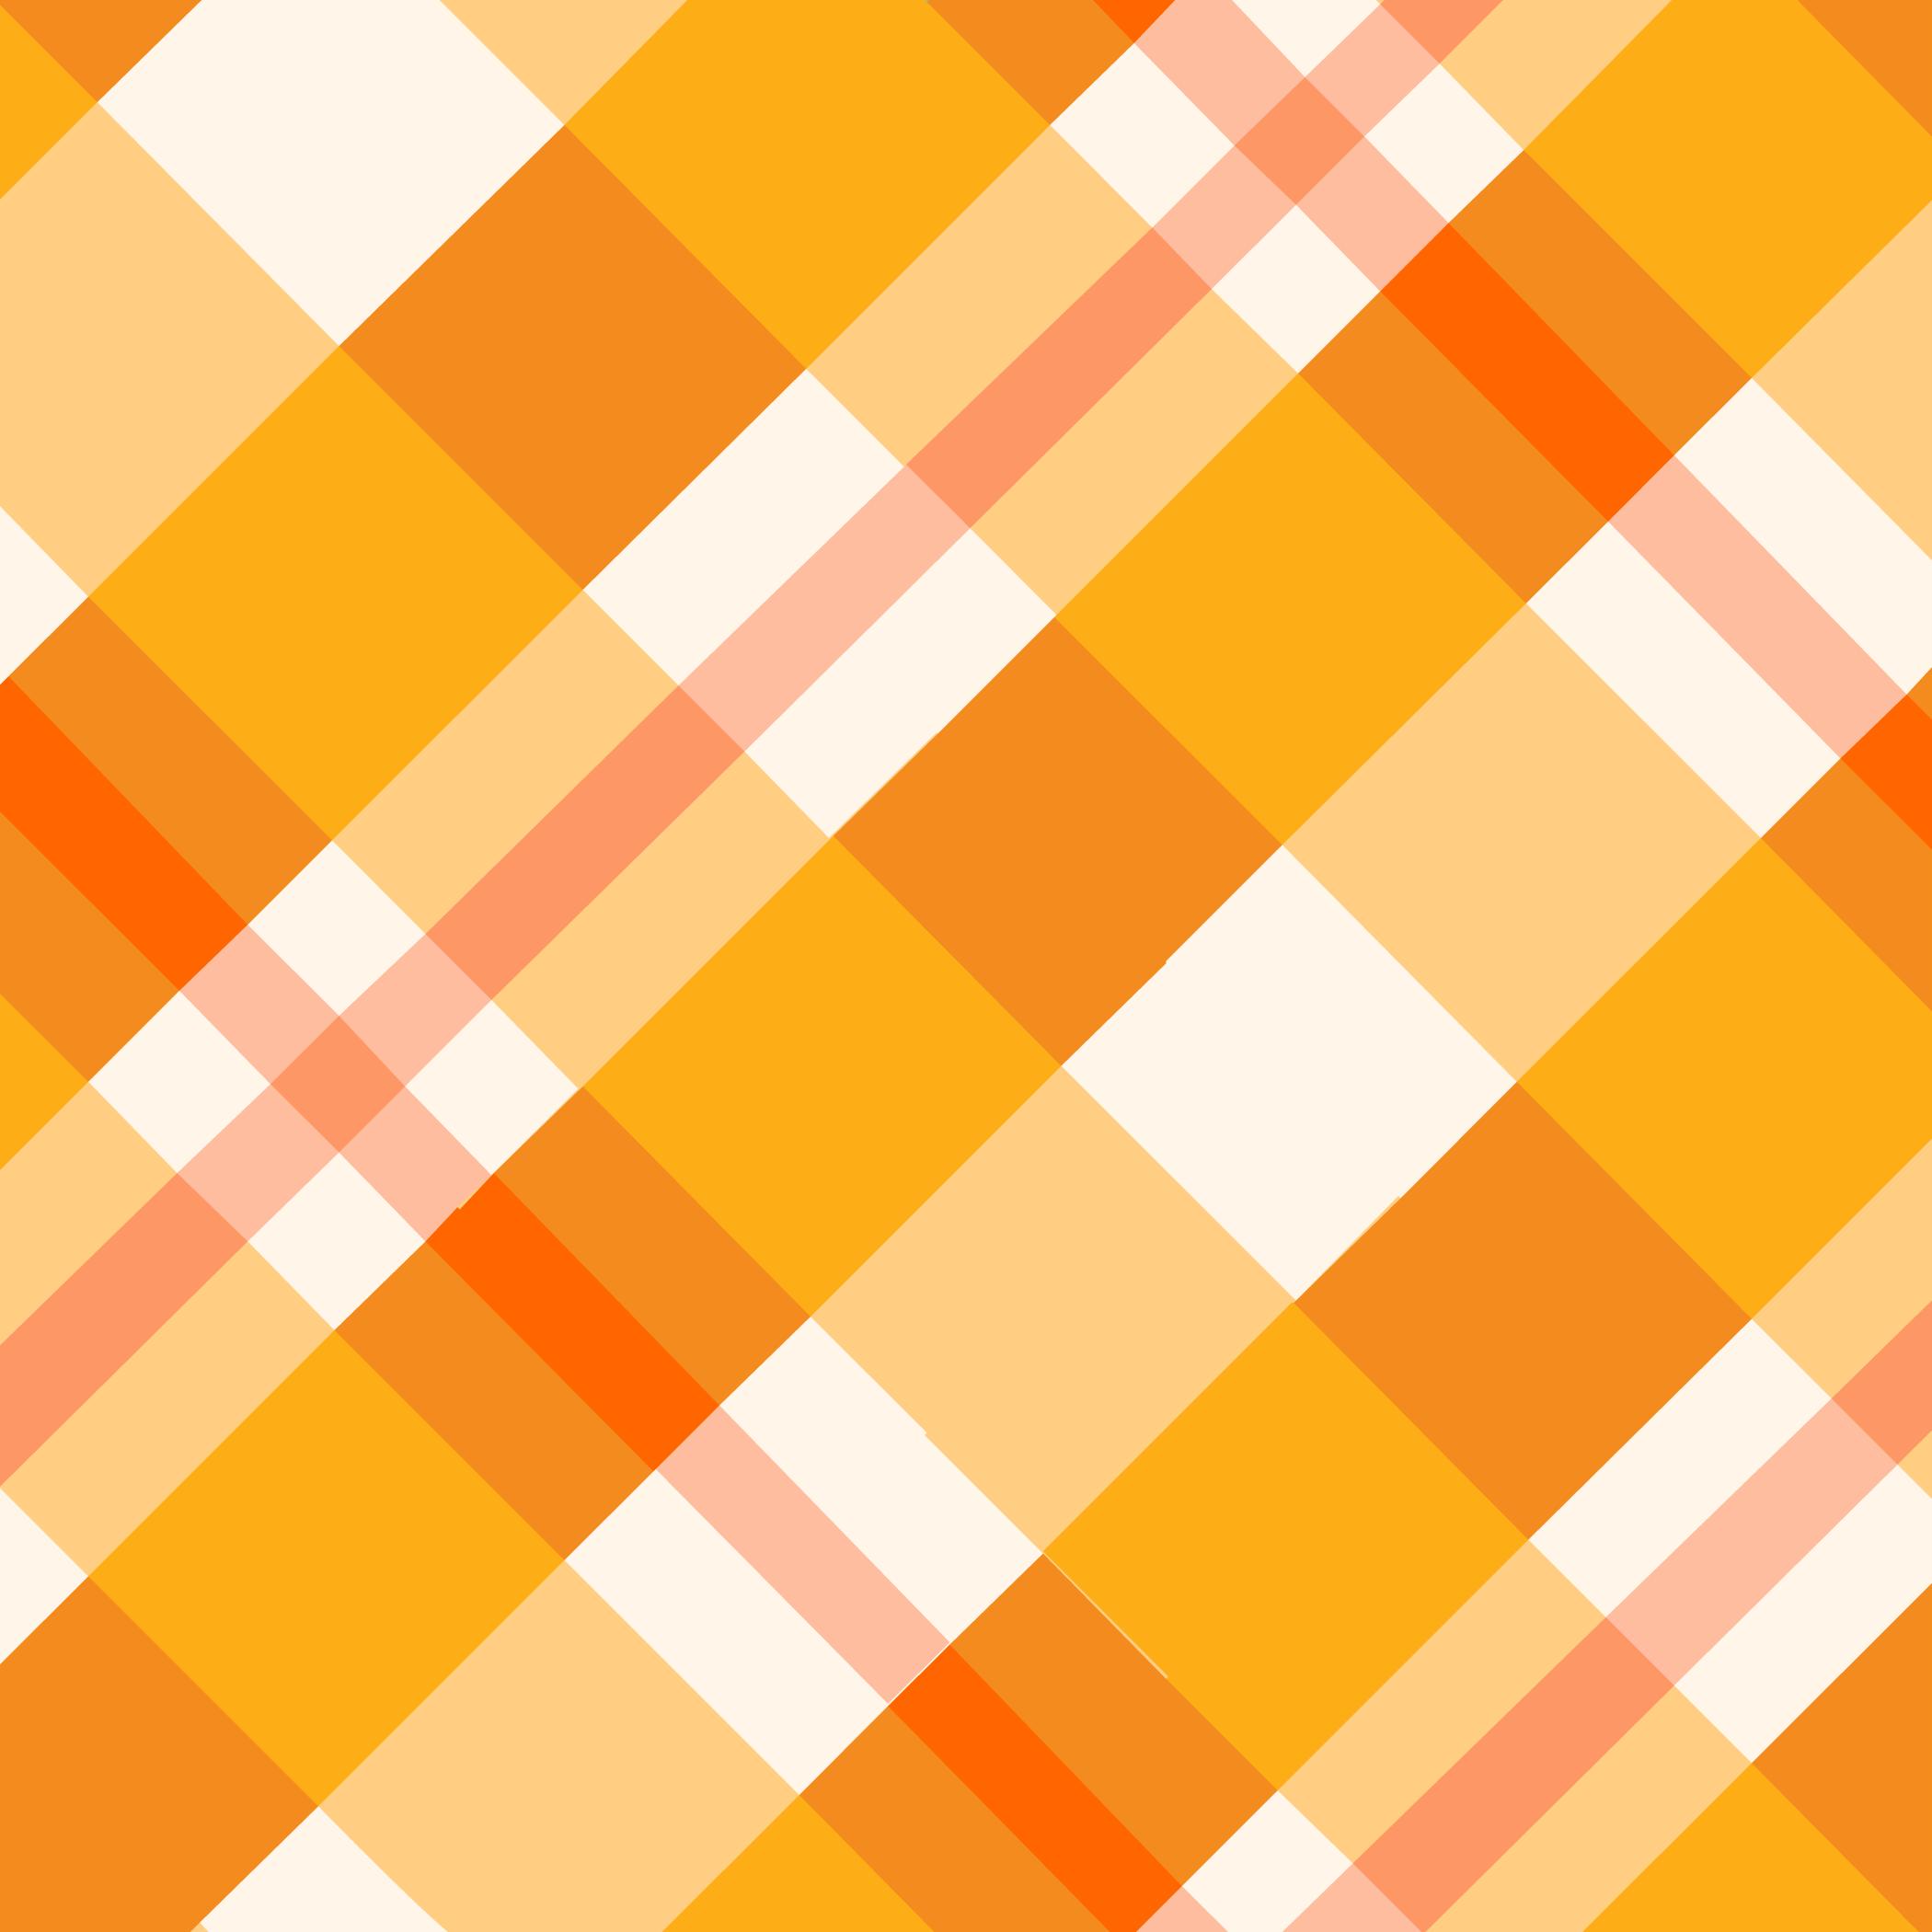 Plaid Background Club Penguin Rewritten Wiki Fandom 2100x2100